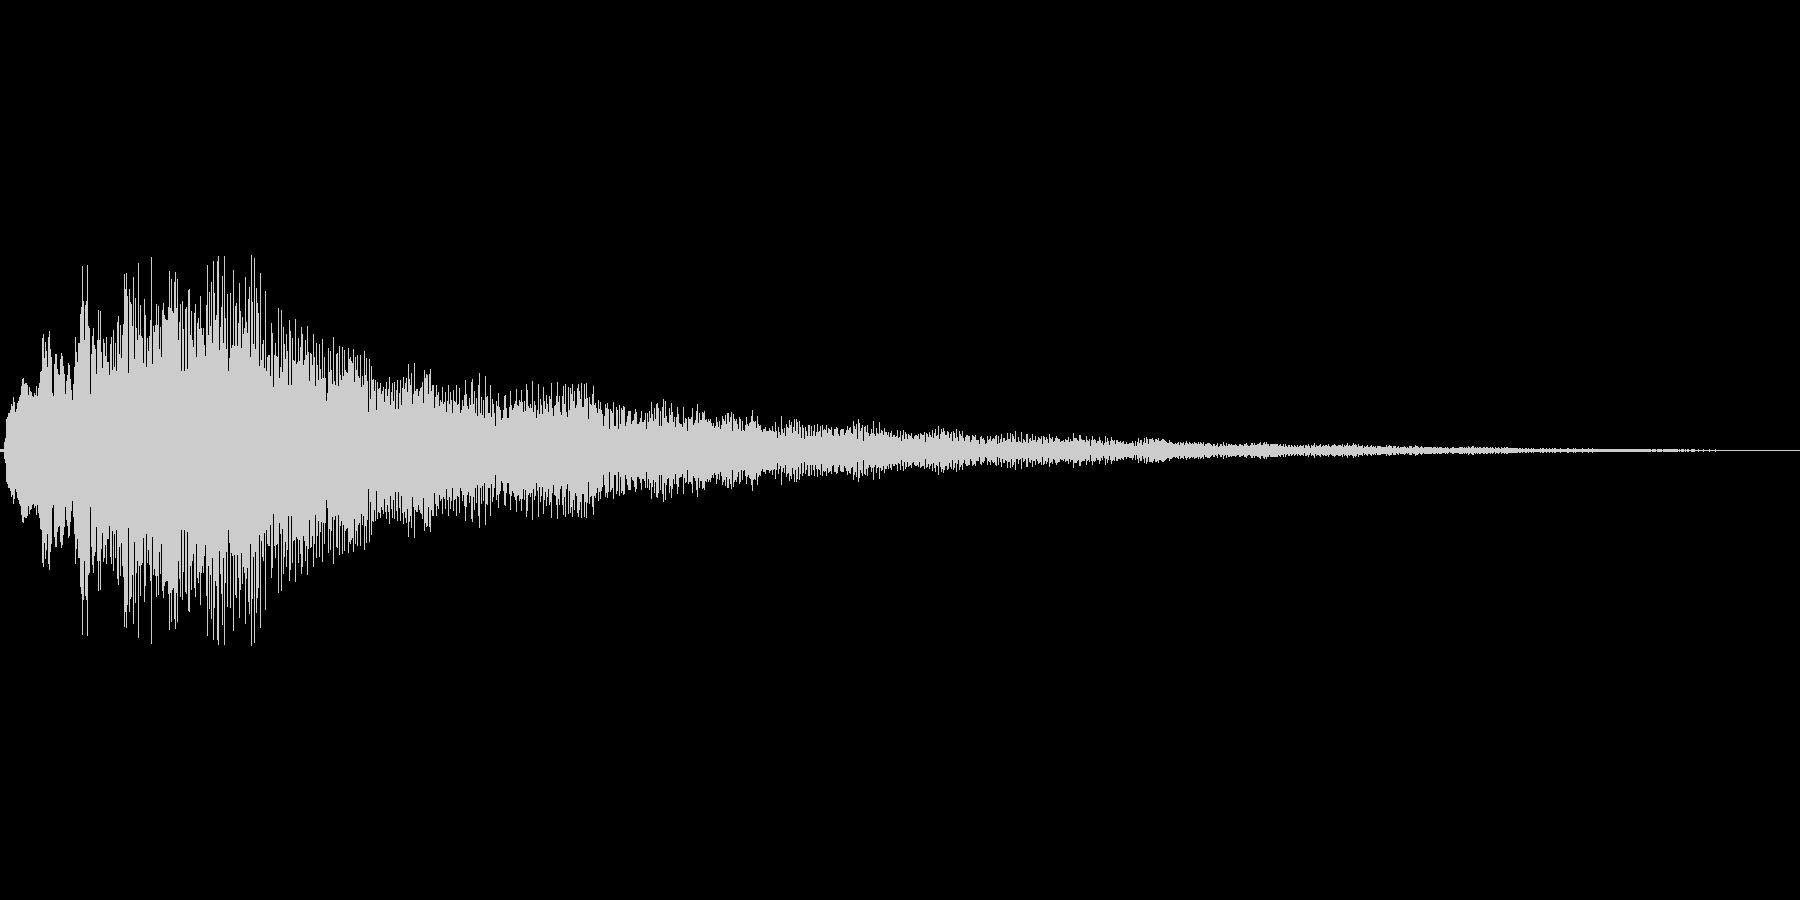 キラーーーン #56の未再生の波形